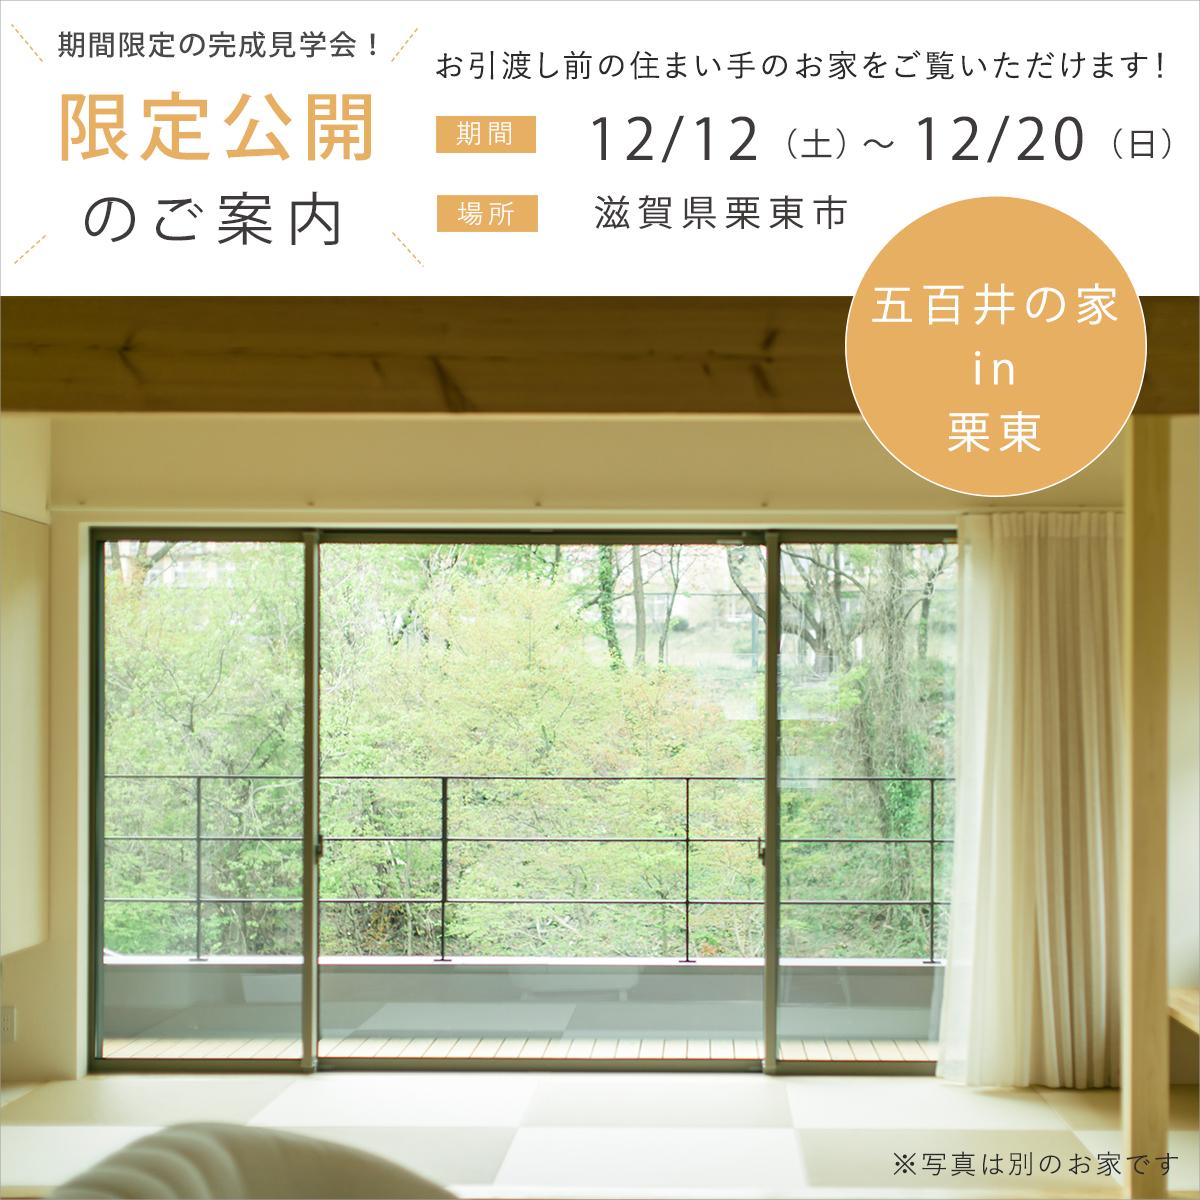 【栗東市/新築】完成見学会のお知らせ